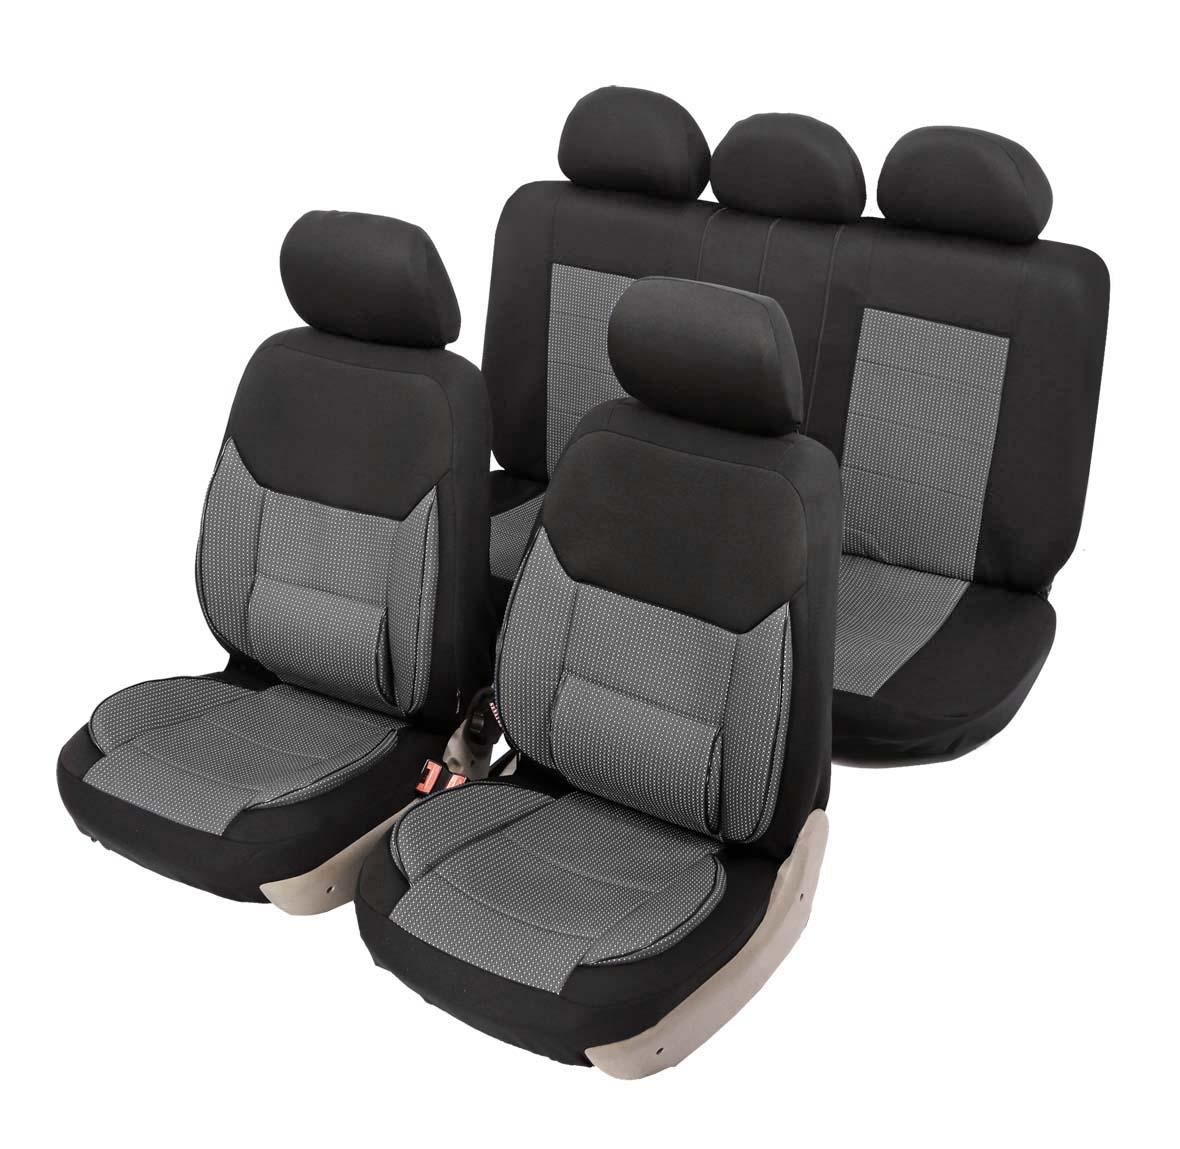 """Чехол на автомобильное кресло универсальный Senator """"California"""", размер M, ортопед.поддержка 3+ уровня, 11 предметов, карман, 6 молний,"""